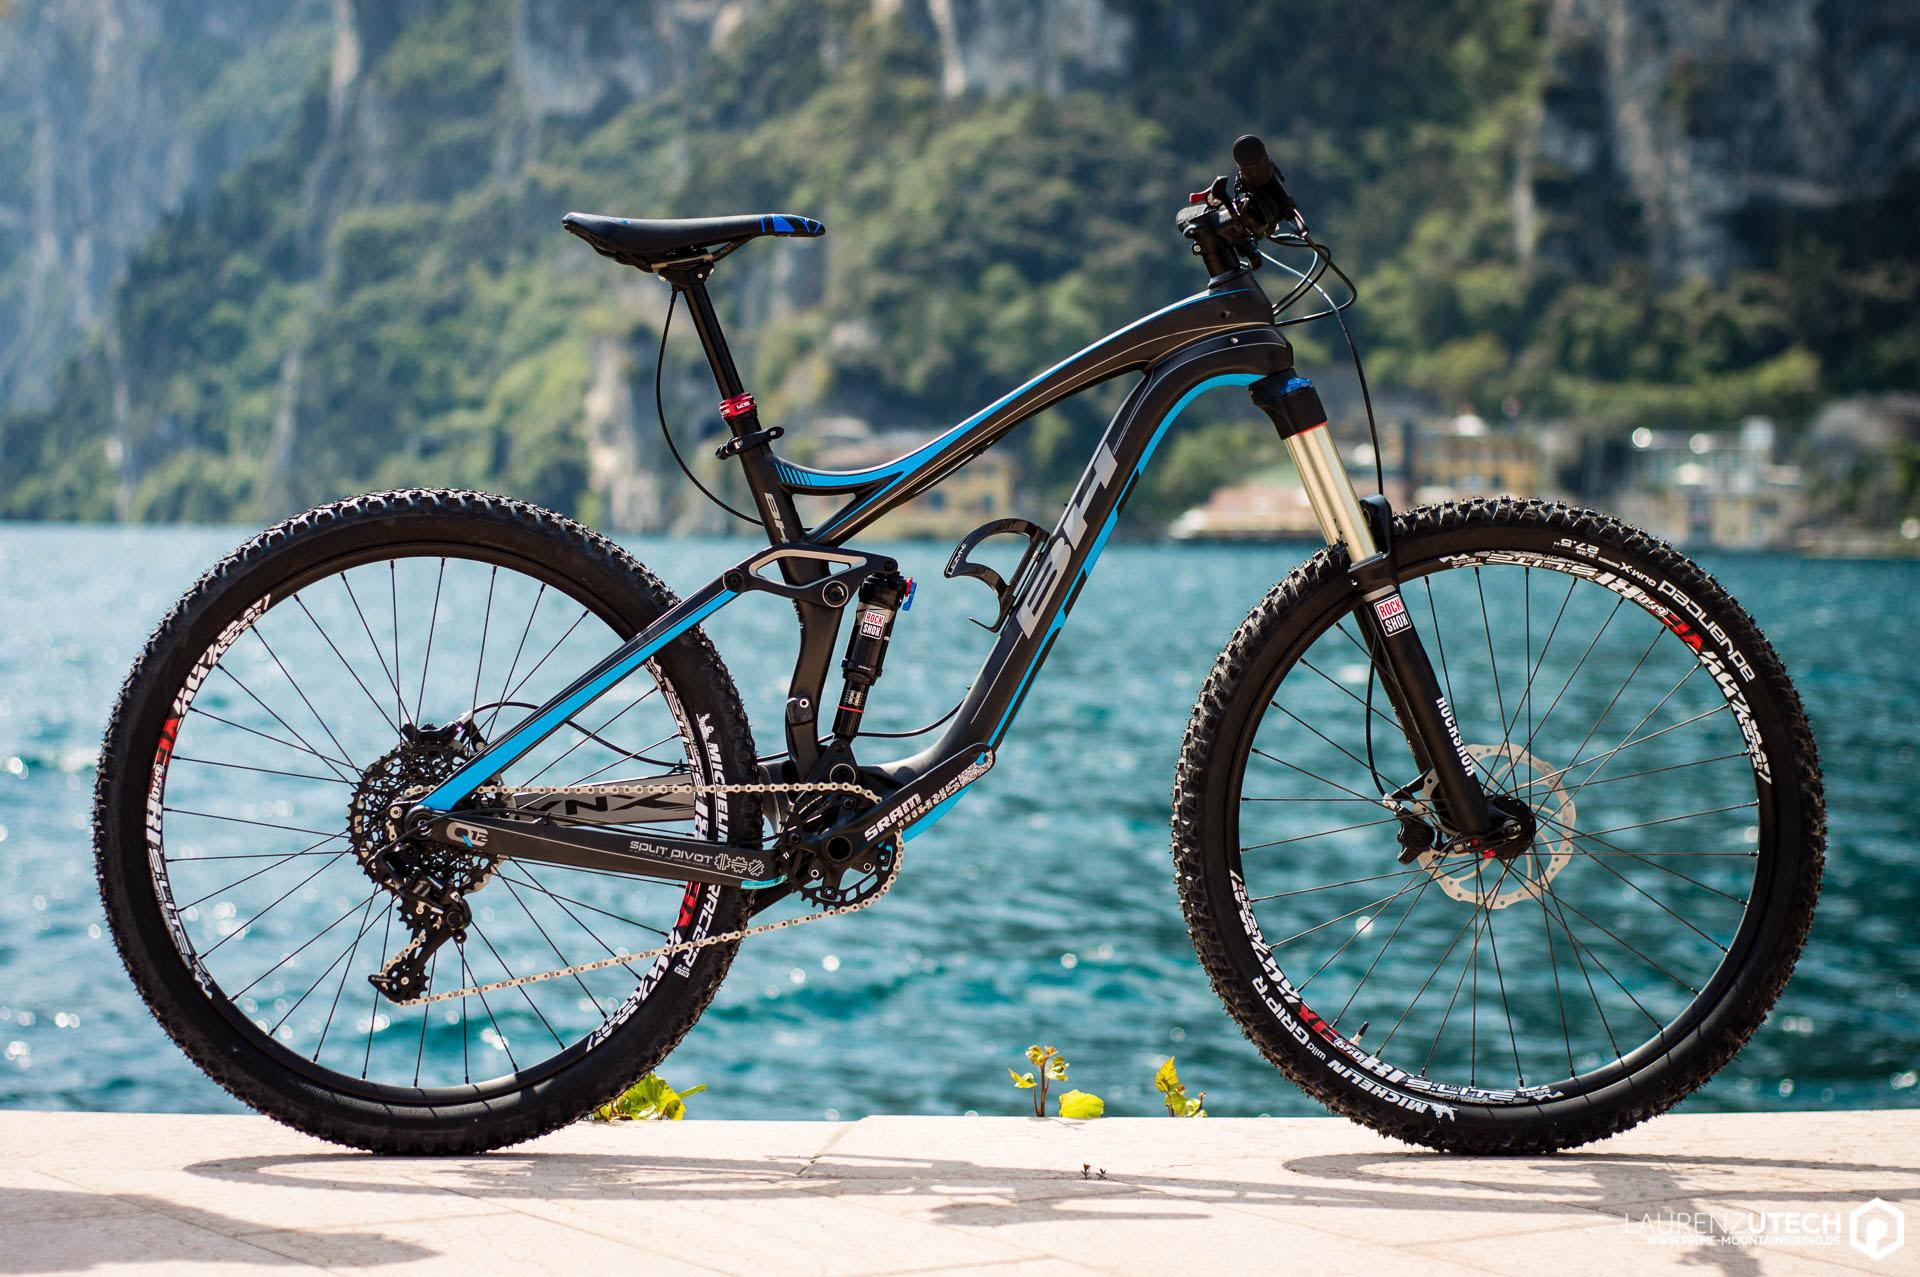 Das BH Lynx 6 Carbon 9.5 vor der atemberaubenden Kulisse des Gardasees.